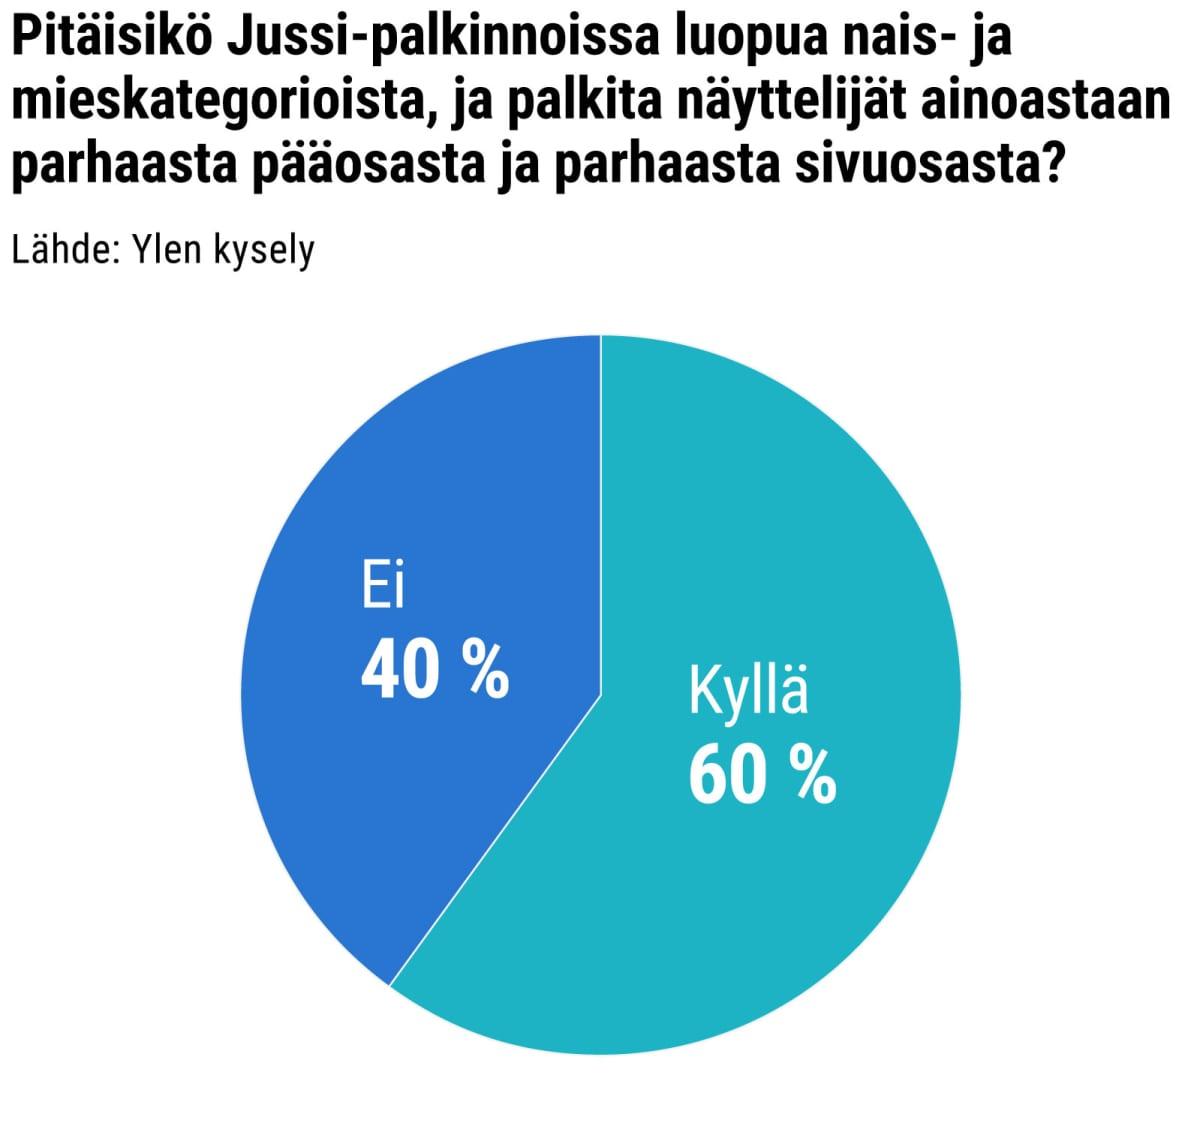 Pitäisikö Jussi-palkinnoissa luopua nais- ja mieskategorioista, ja palkita näyttelijät ainoastaan parhaasta pääosasta ja parhaasta sivuosasta?